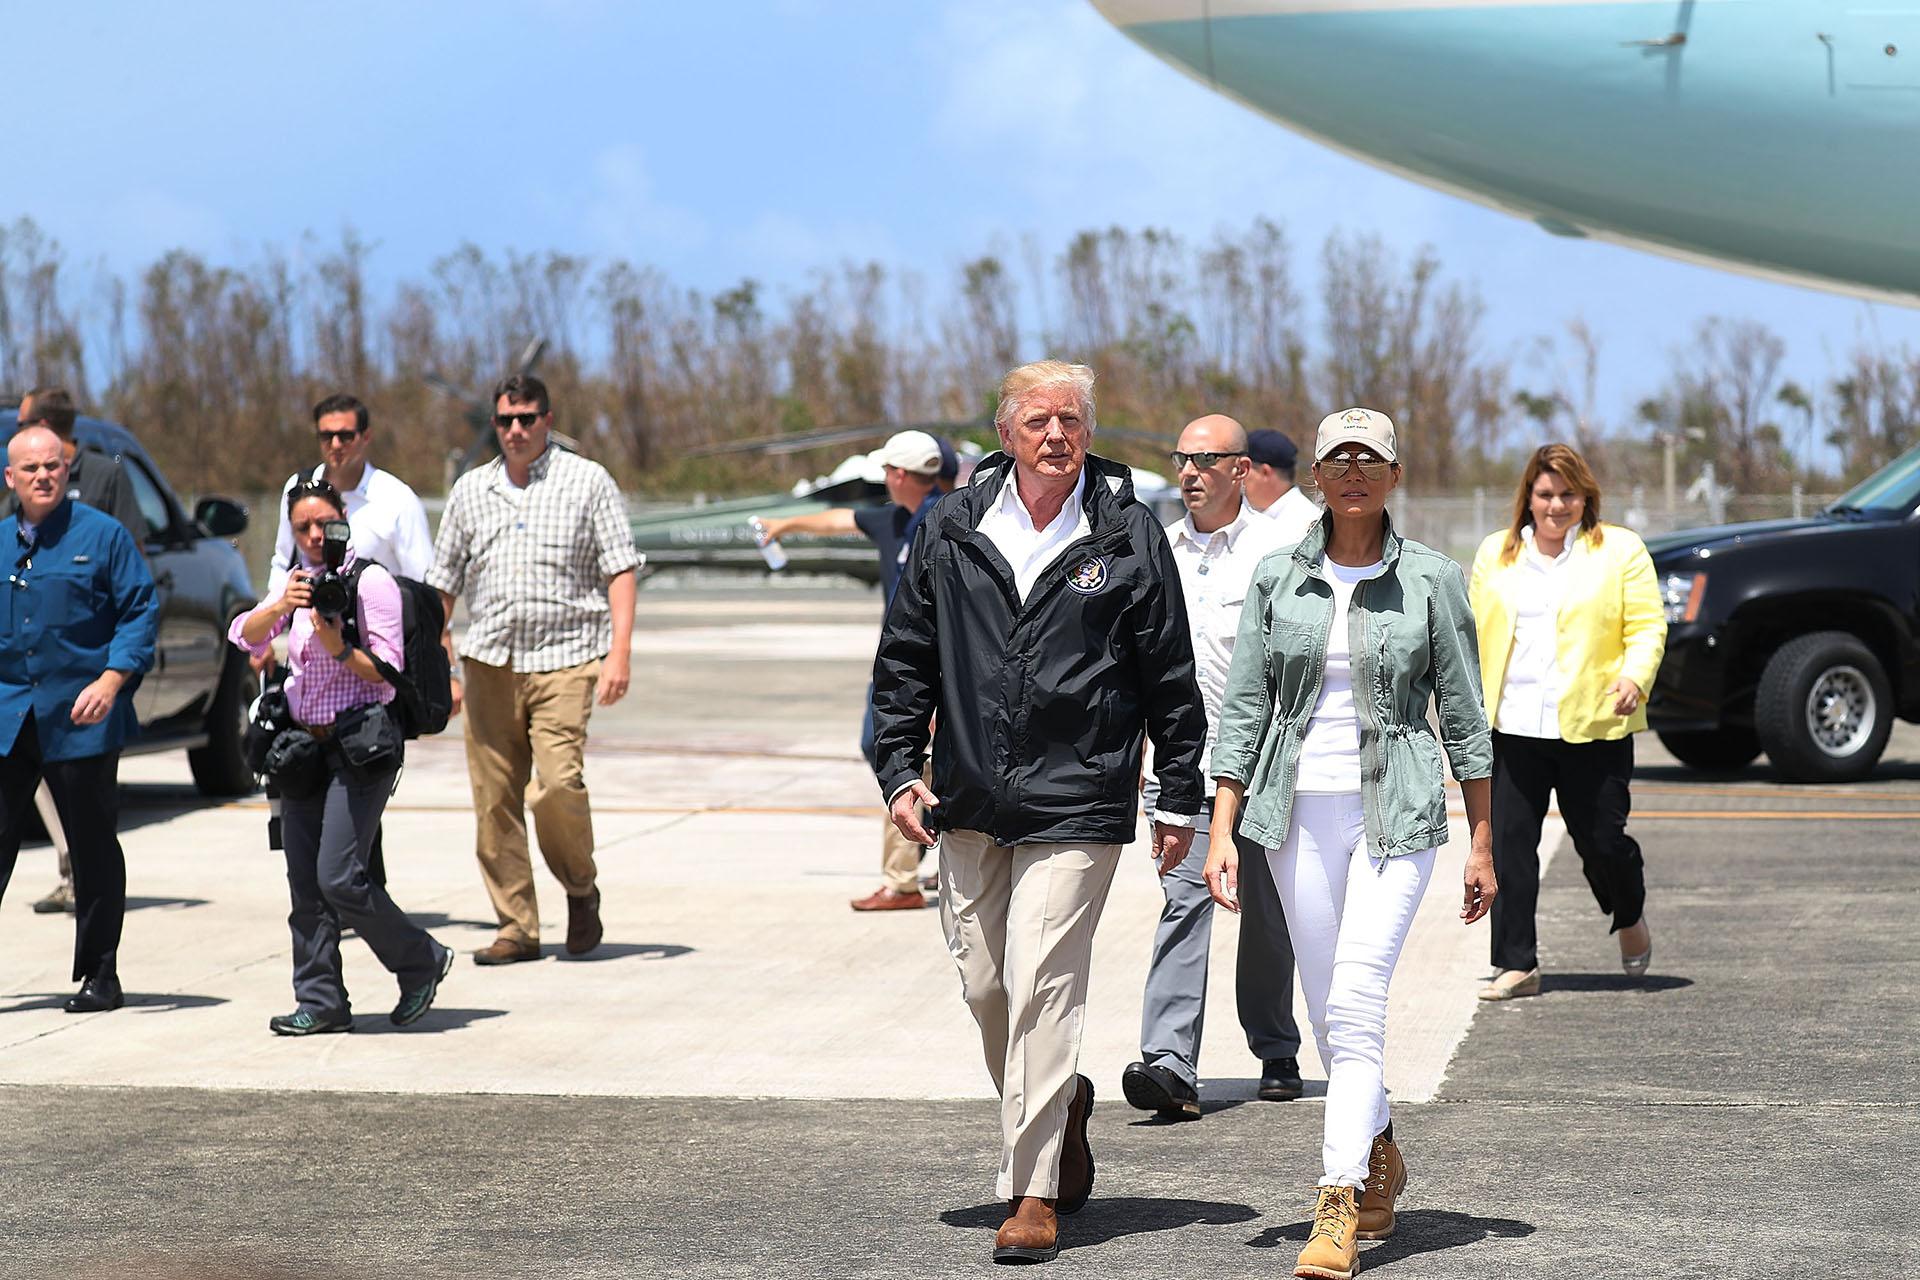 Otro de sus look casuales: en total white, con abrigo de estética militar, borcegos y gorrapara la visita a Puerto Rico luego del paso del huracán María.